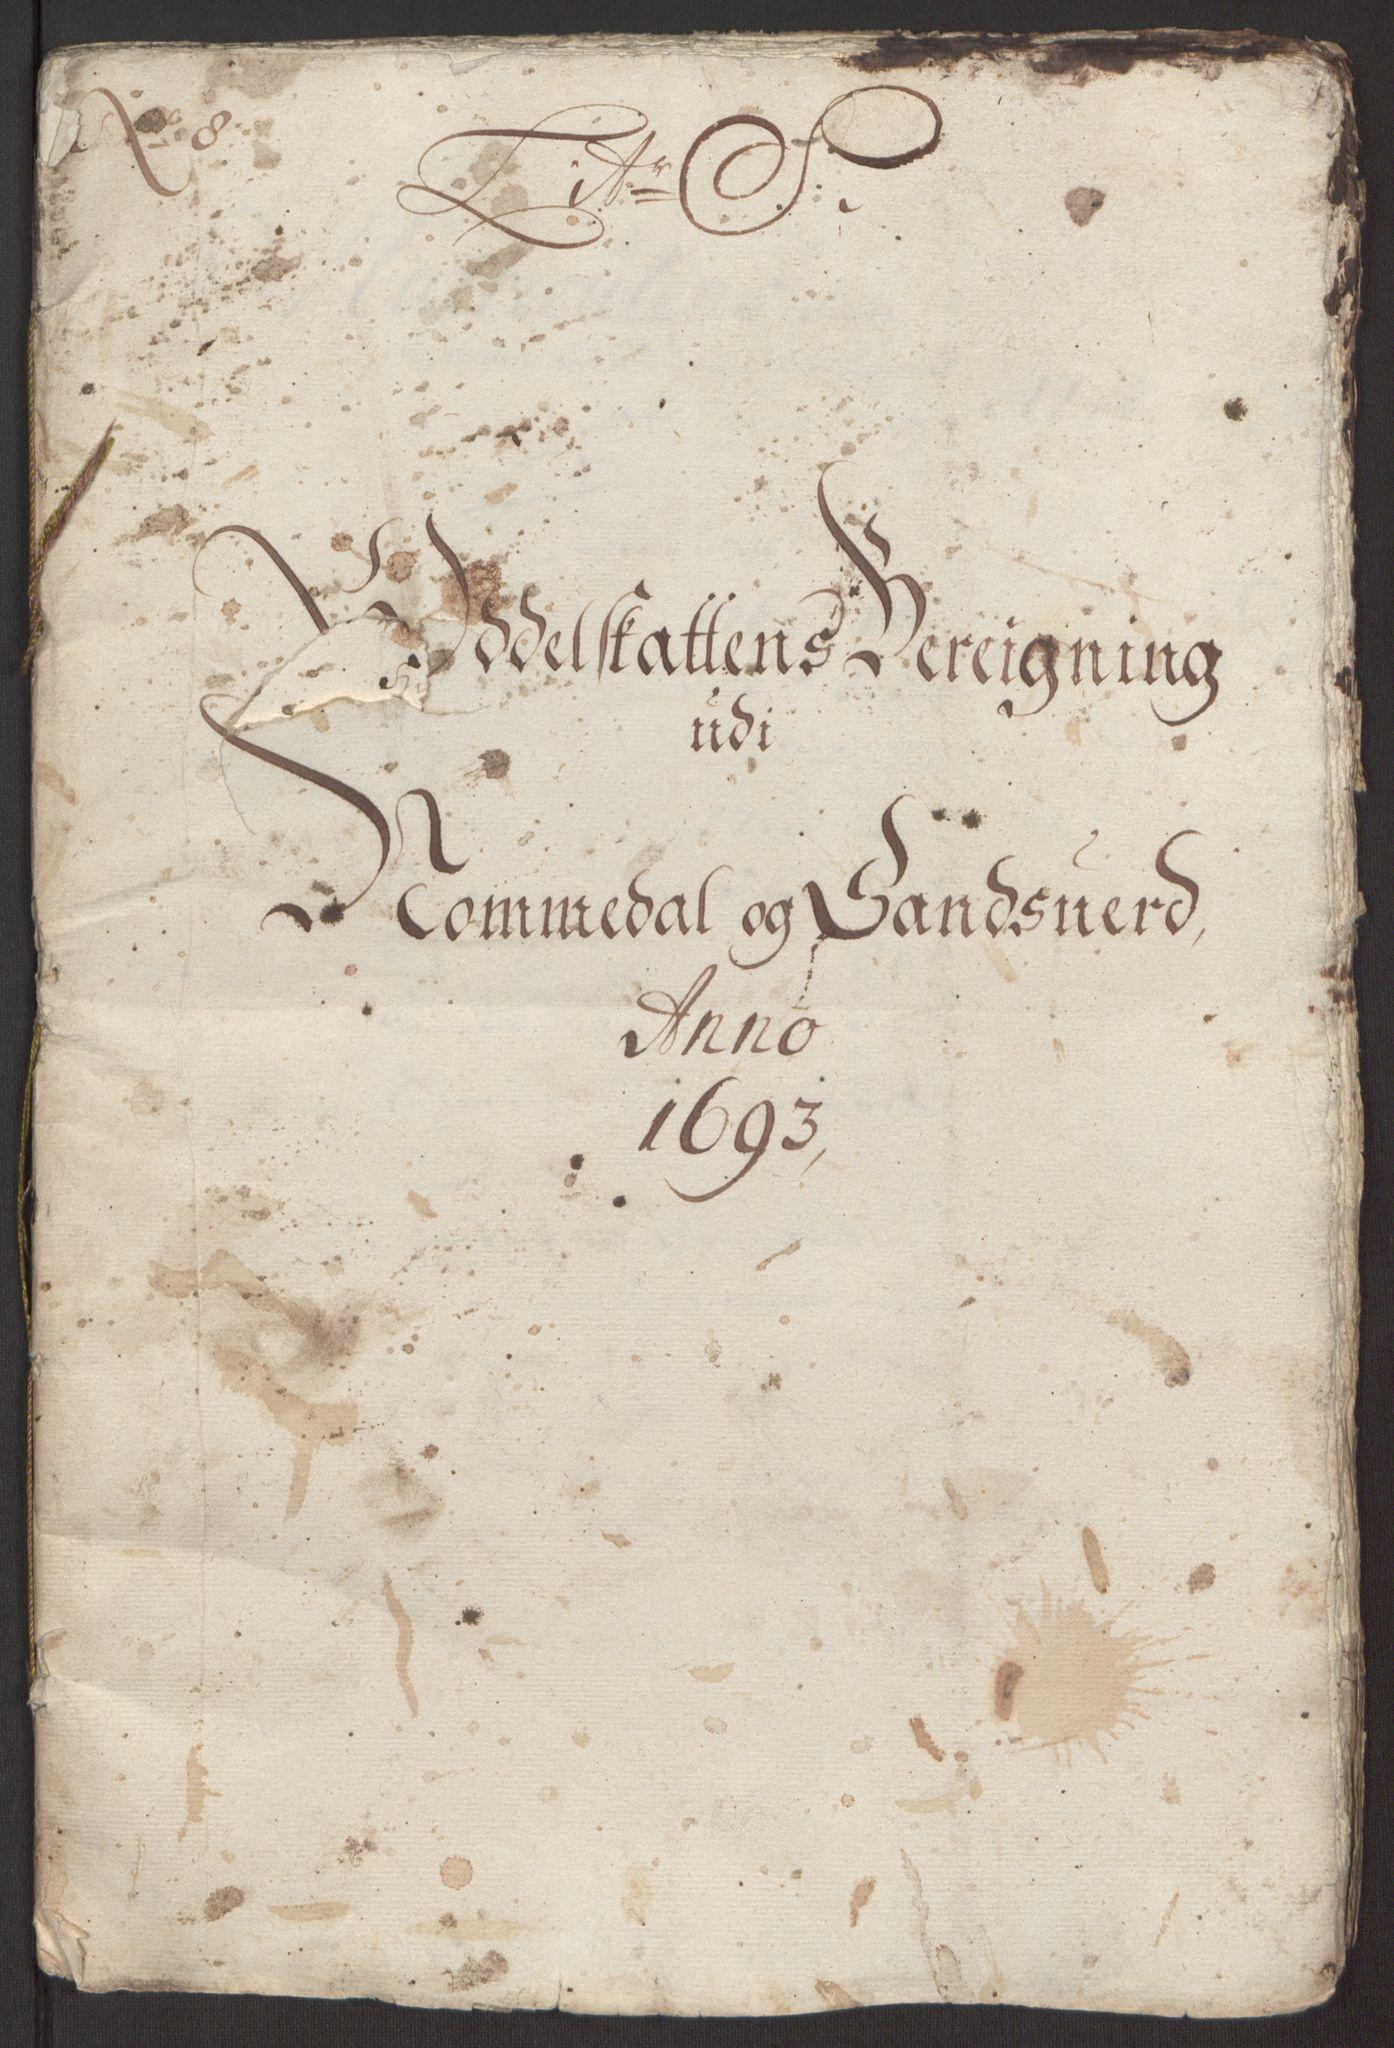 RA, Rentekammeret inntil 1814, Reviderte regnskaper, Fogderegnskap, R24/L1575: Fogderegnskap Numedal og Sandsvær, 1692-1695, s. 149